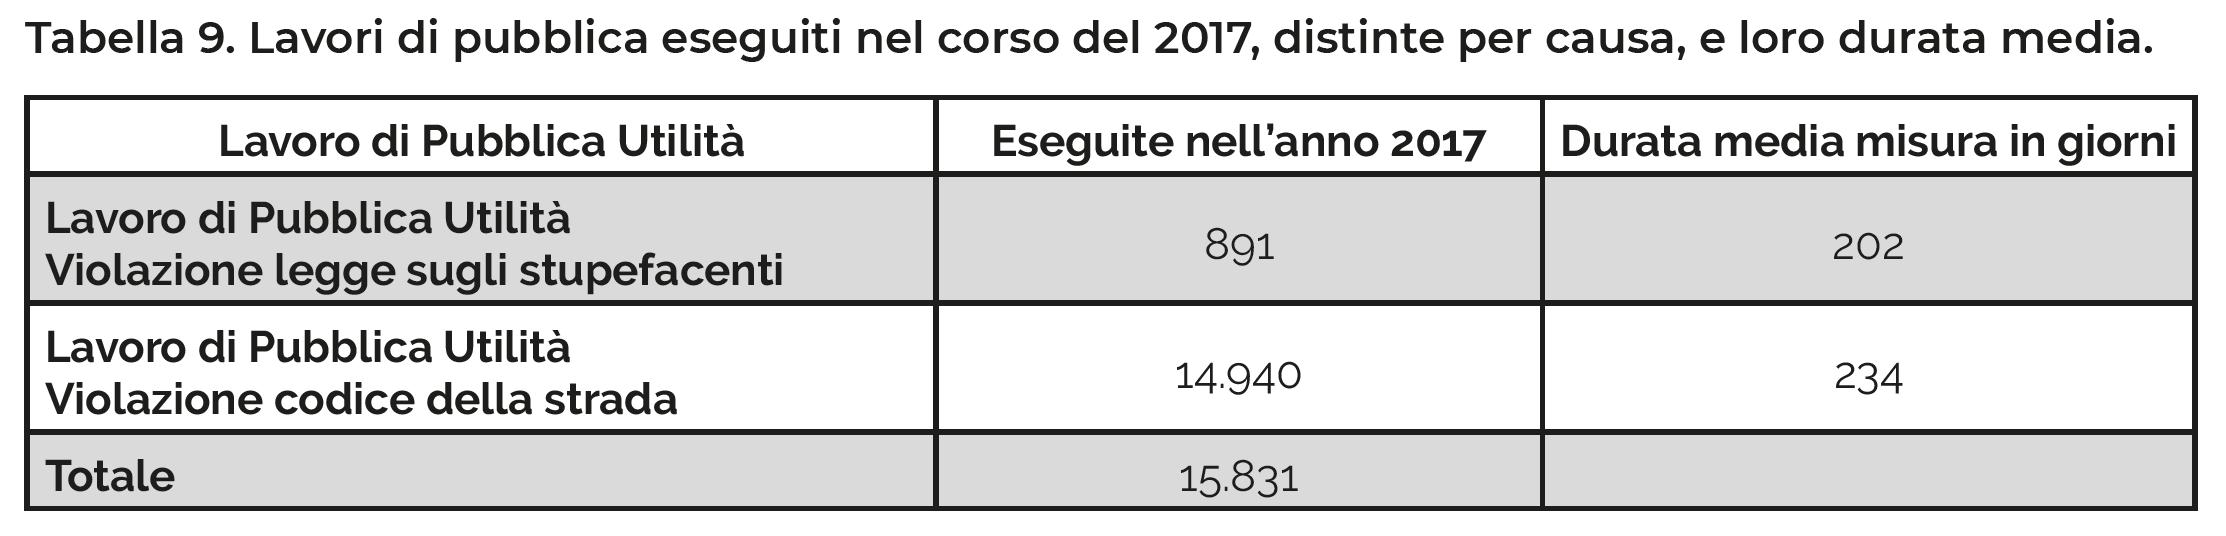 Tabella 9. Lavori di pubblica eseguiti nel corso del 2017, distinte per causa, e loro durata media.